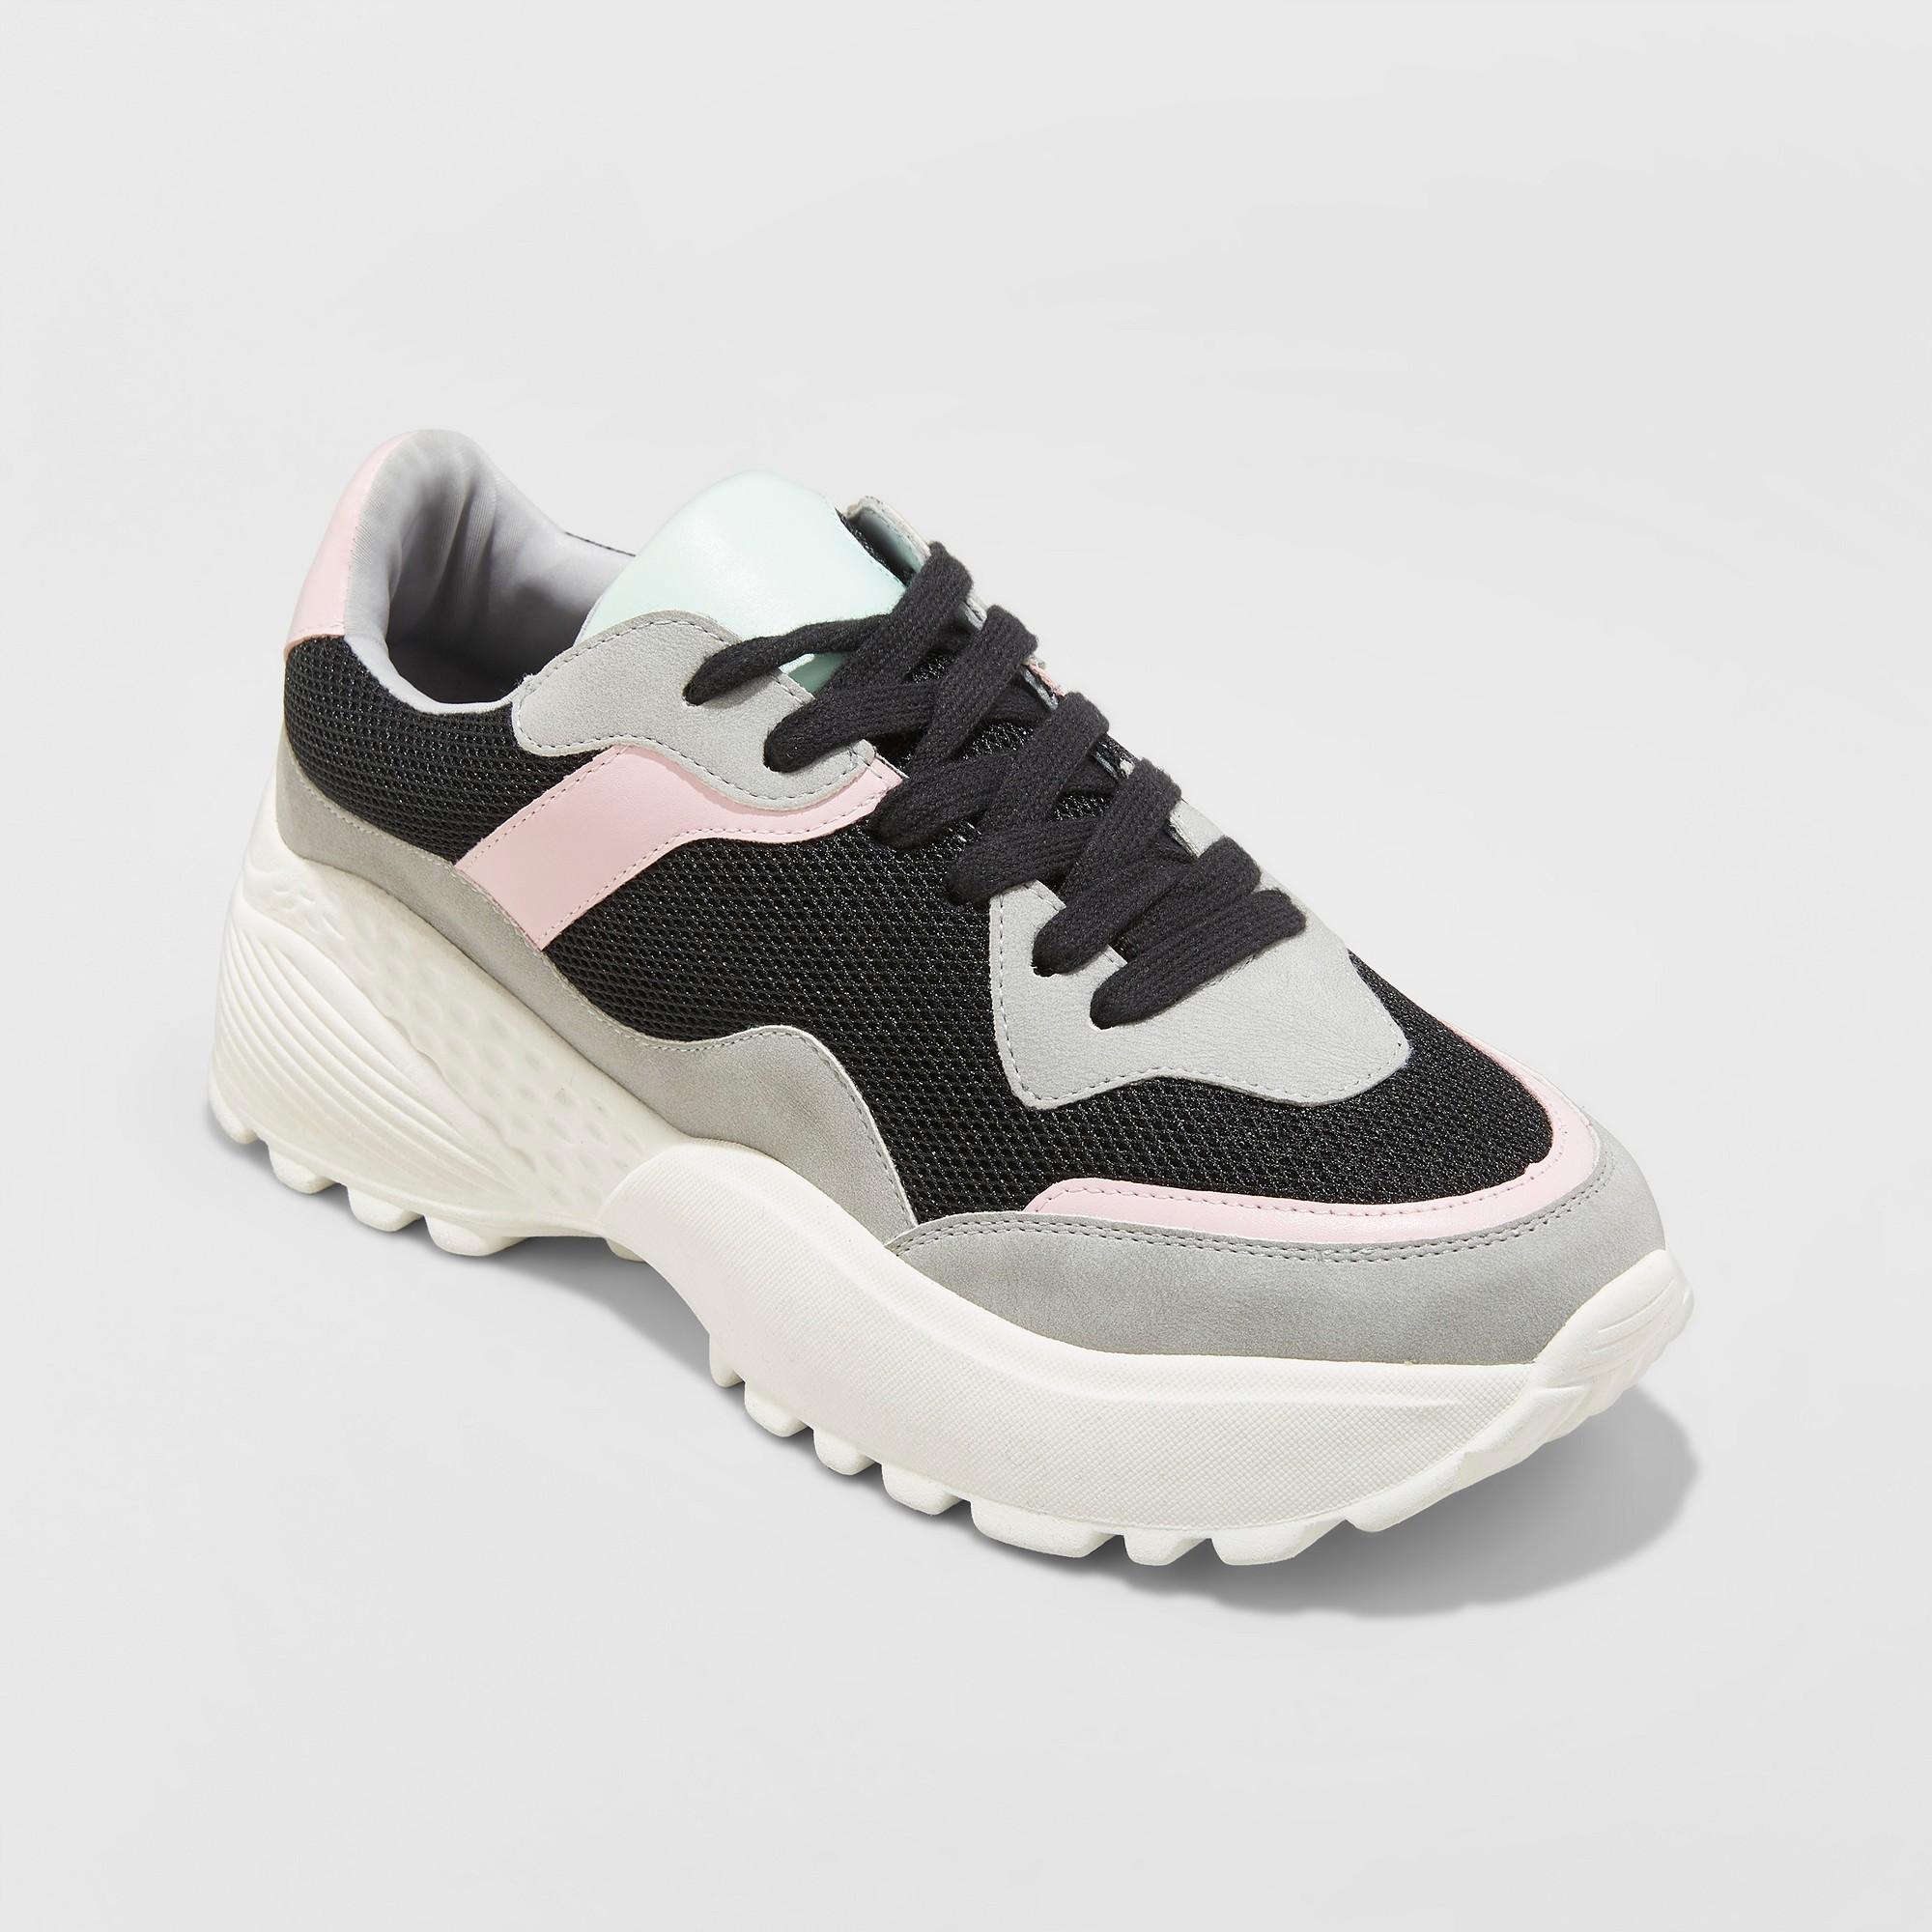 Women's Freshee Wide Width Sneakers - Wild Fable Black 8.5W, Size: 8.5 Wide